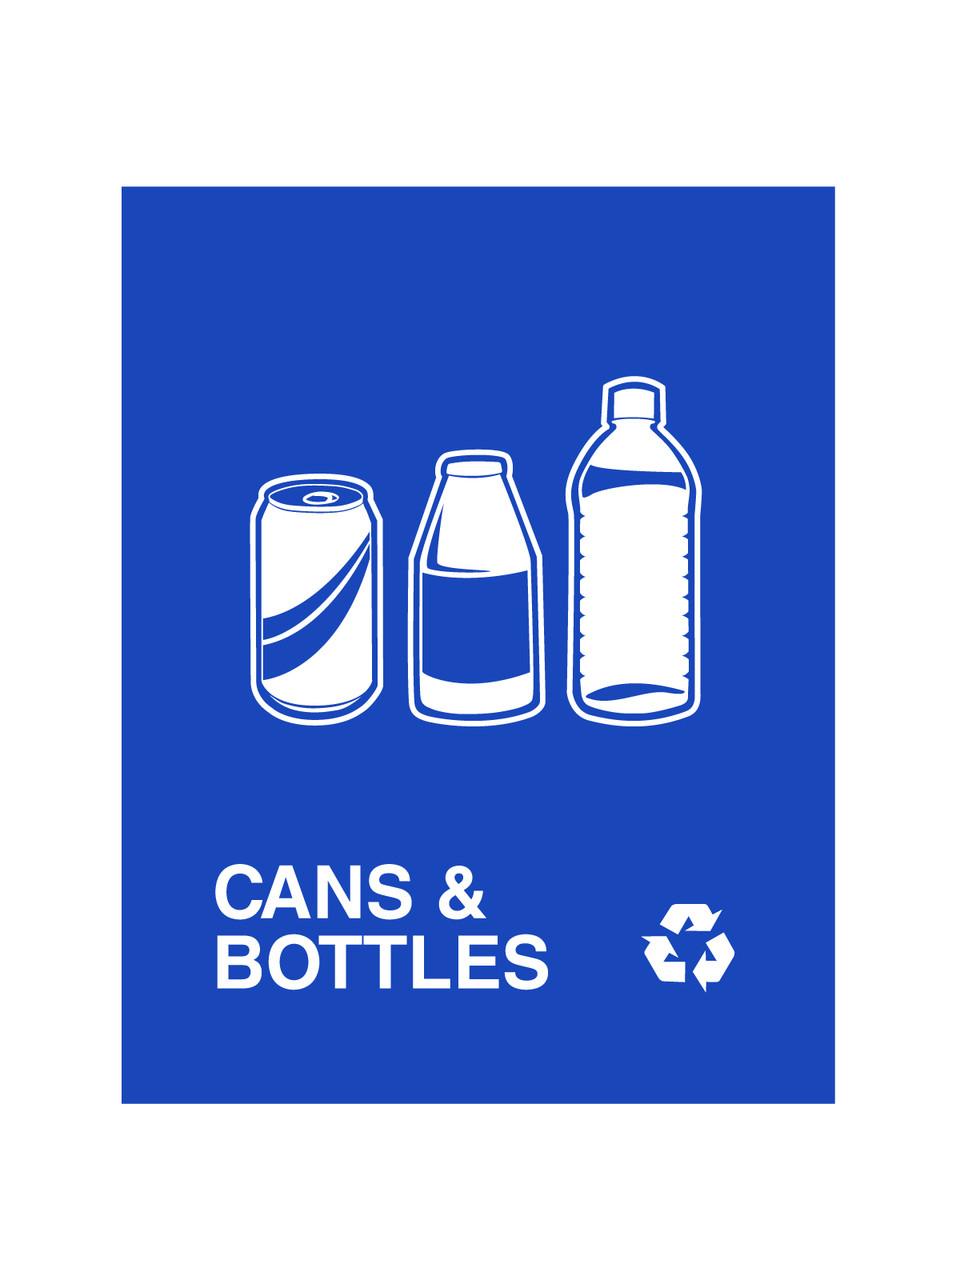 Cans & Bottles Blue